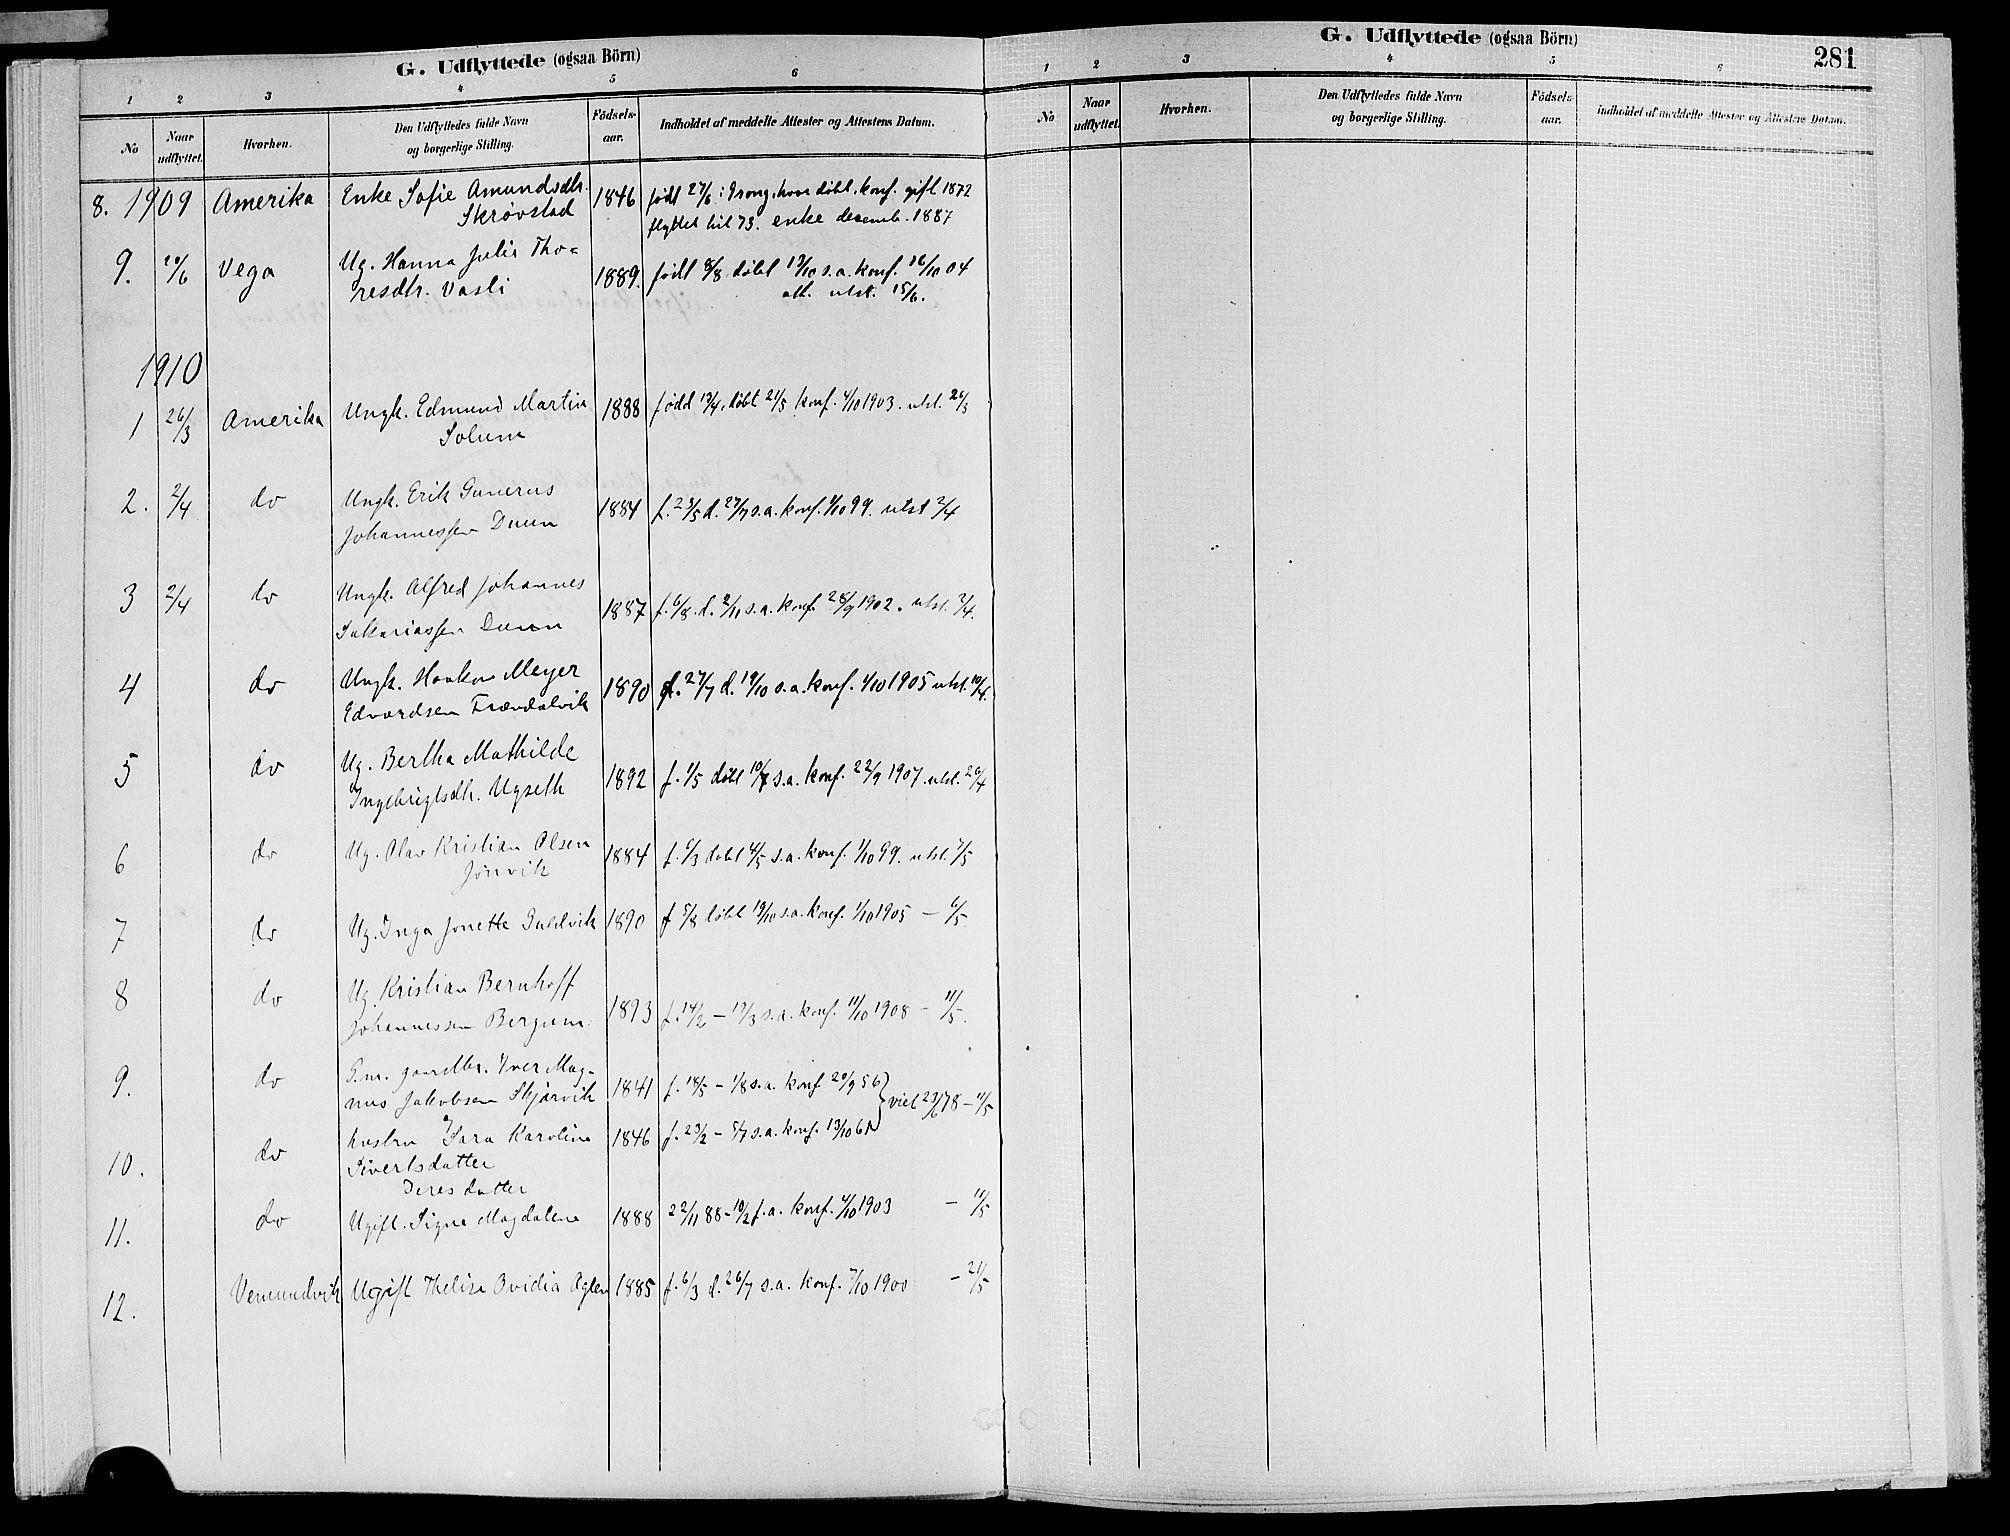 SAT, Ministerialprotokoller, klokkerbøker og fødselsregistre - Nord-Trøndelag, 773/L0617: Ministerialbok nr. 773A08, 1887-1910, s. 281